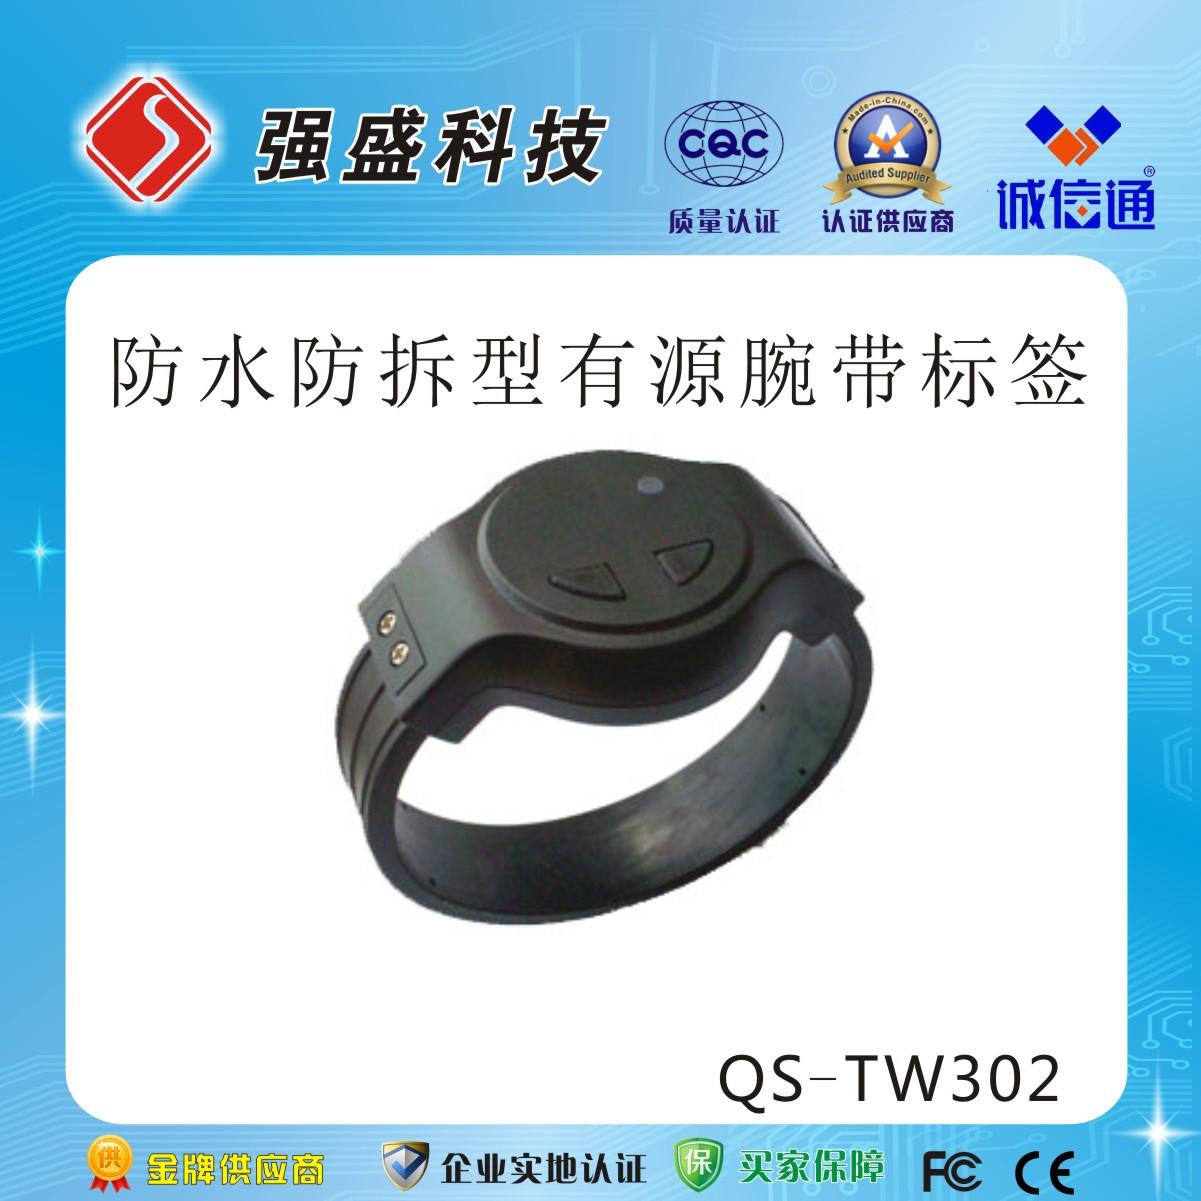 强盛供应防水塑胶型有源腕带标签QS-TW302